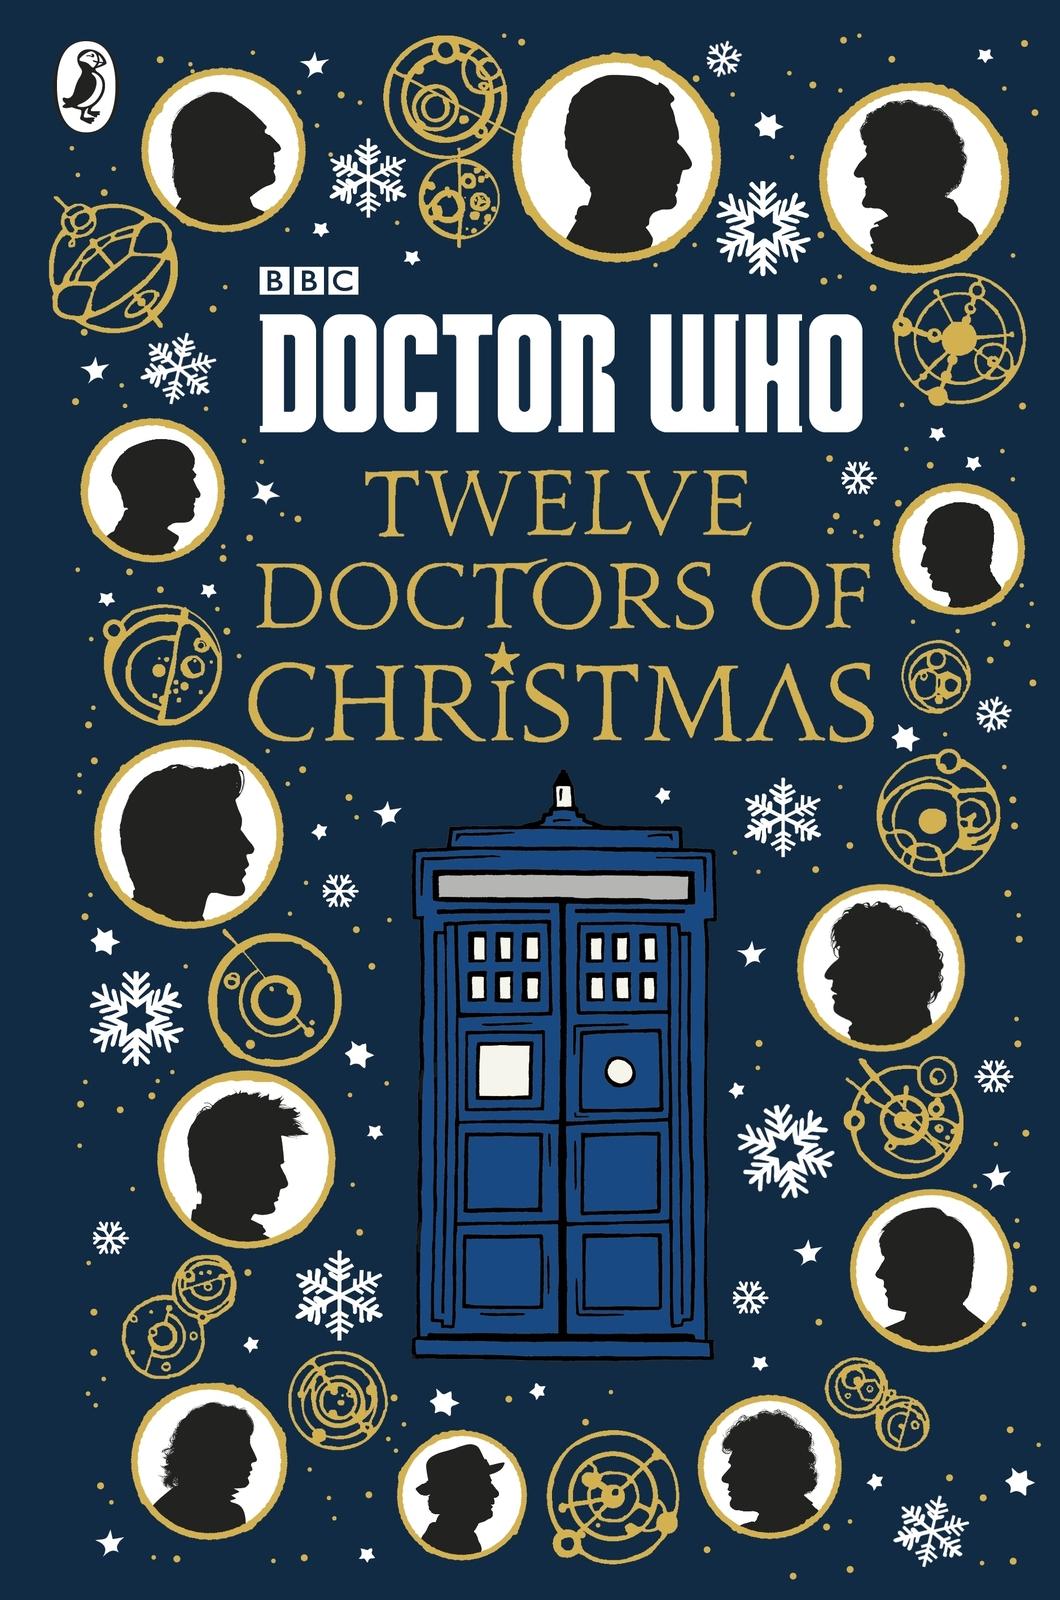 Doctor Who: Twelve Doctors of Christmas image